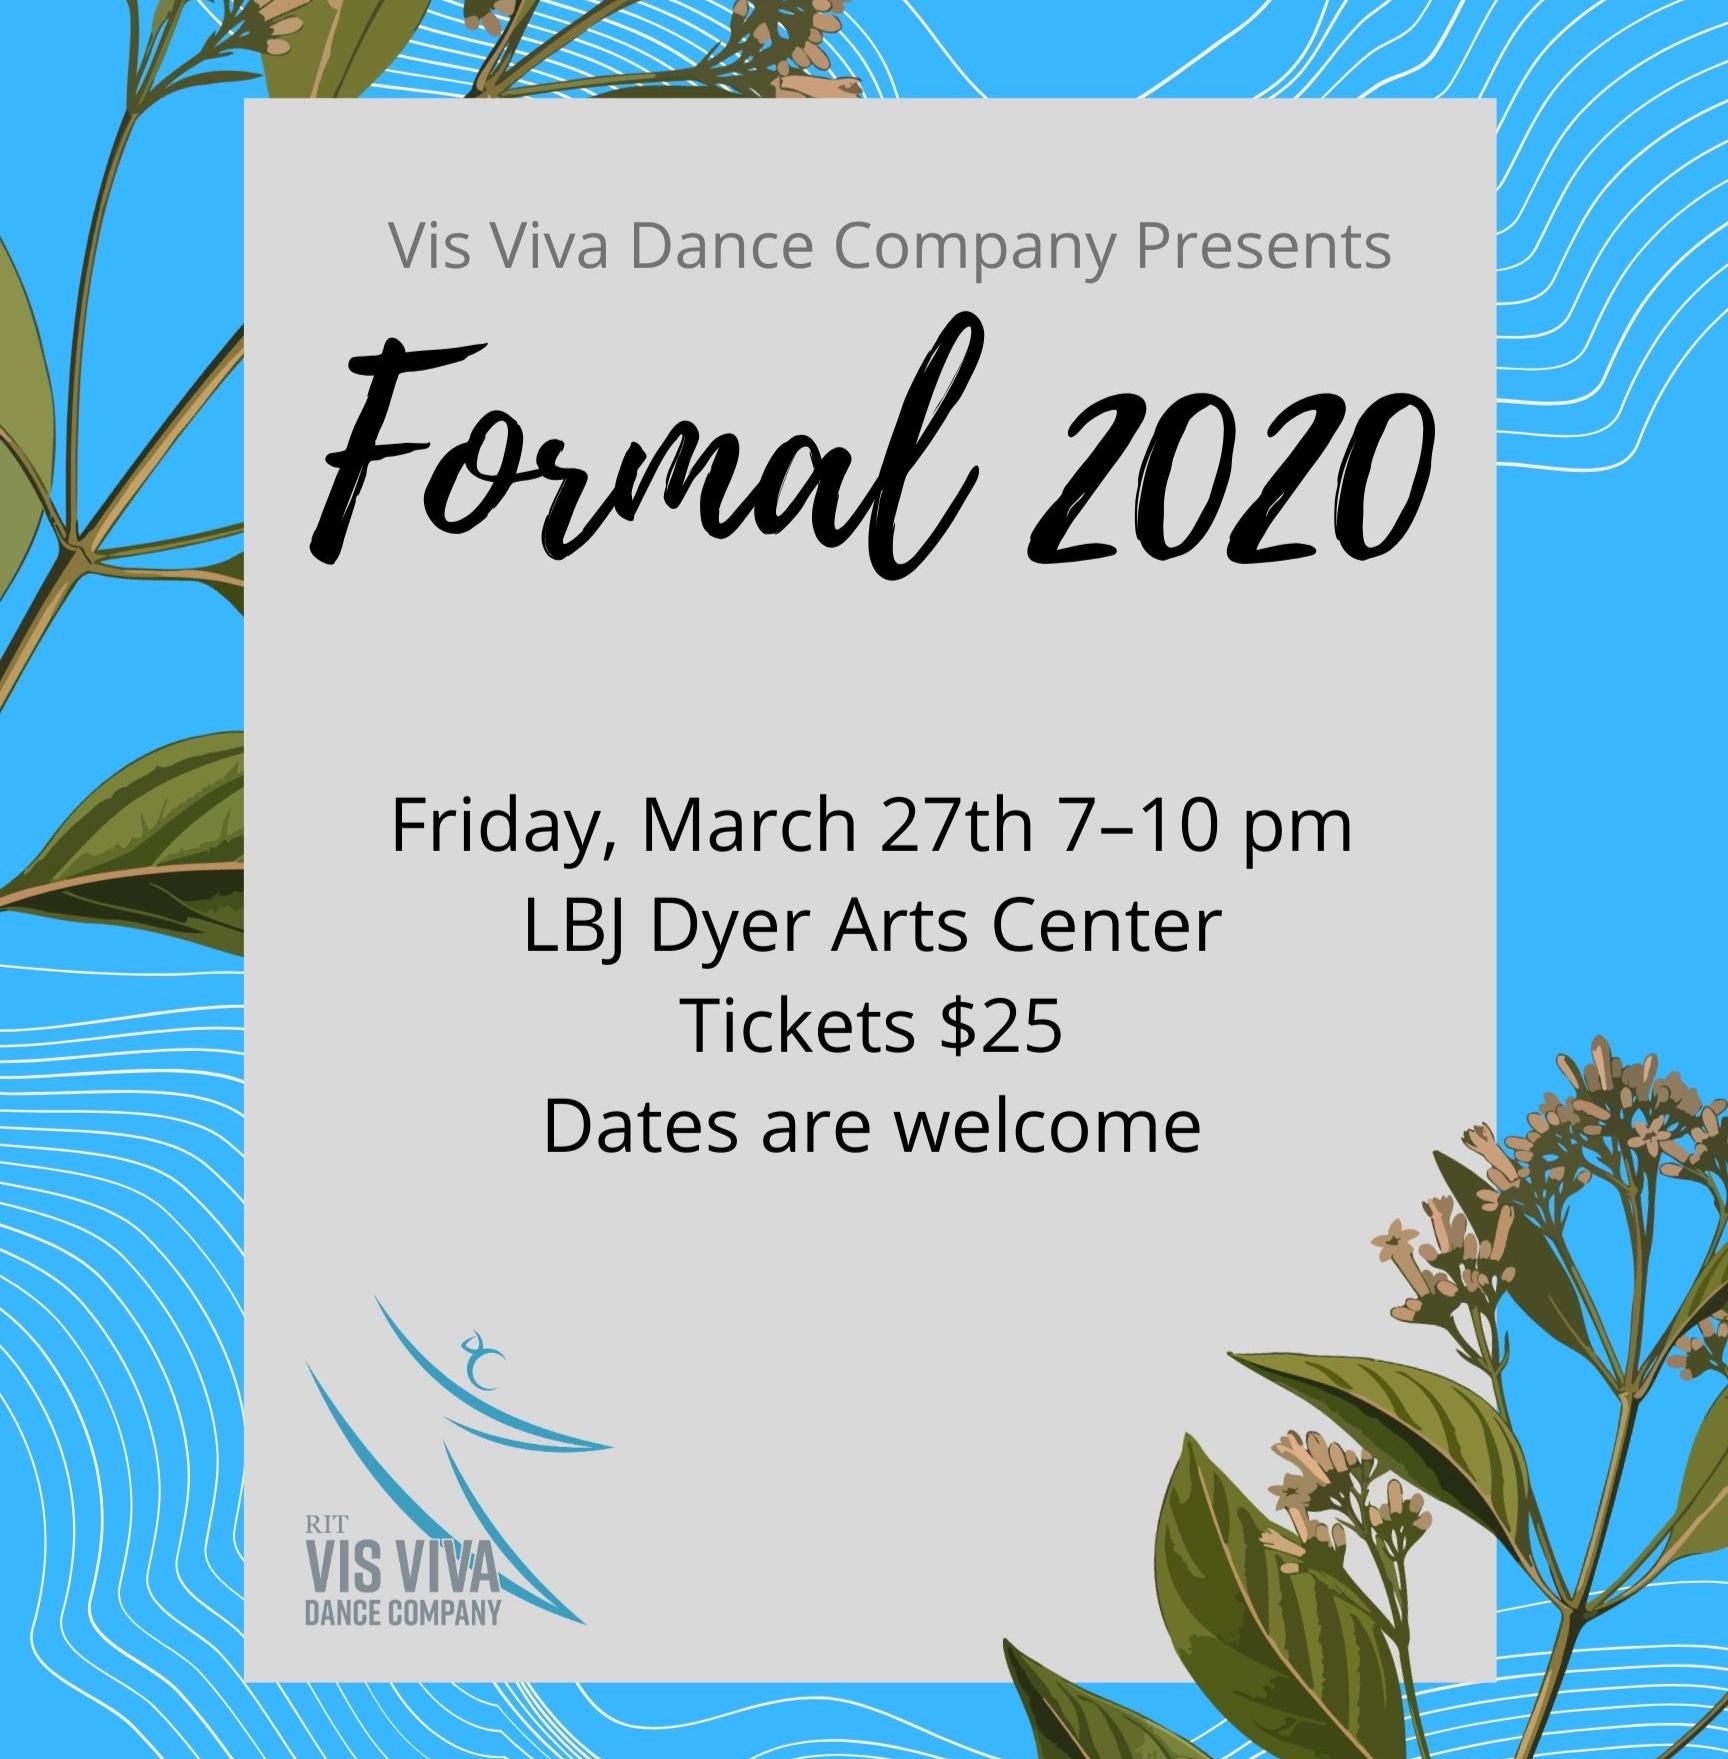 CANCELLED:  Vis Viva Formal 2020